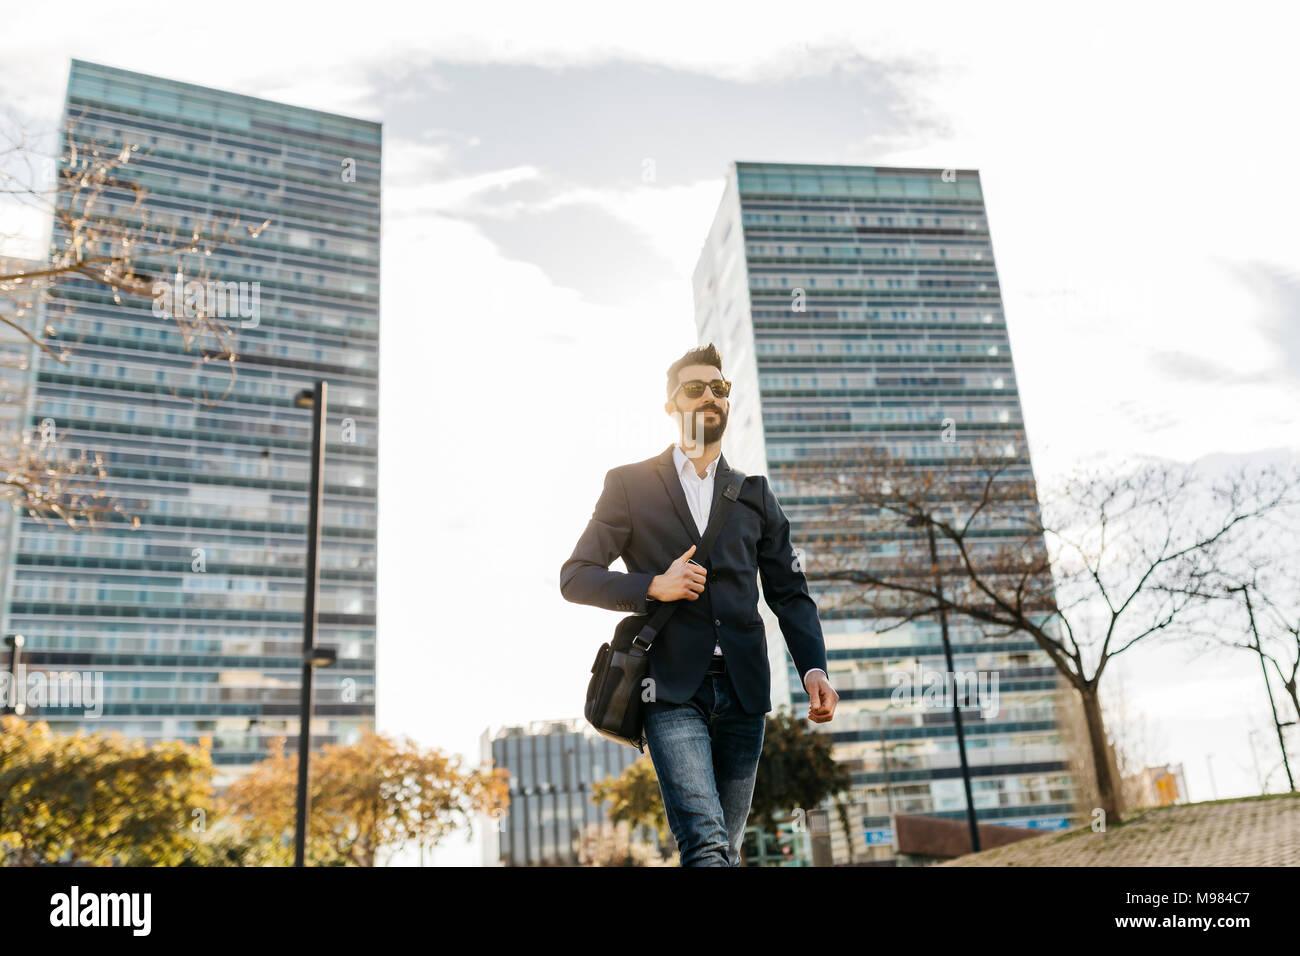 Empresario con gafas de sol caminando fuera del edificio de oficinas Imagen De Stock